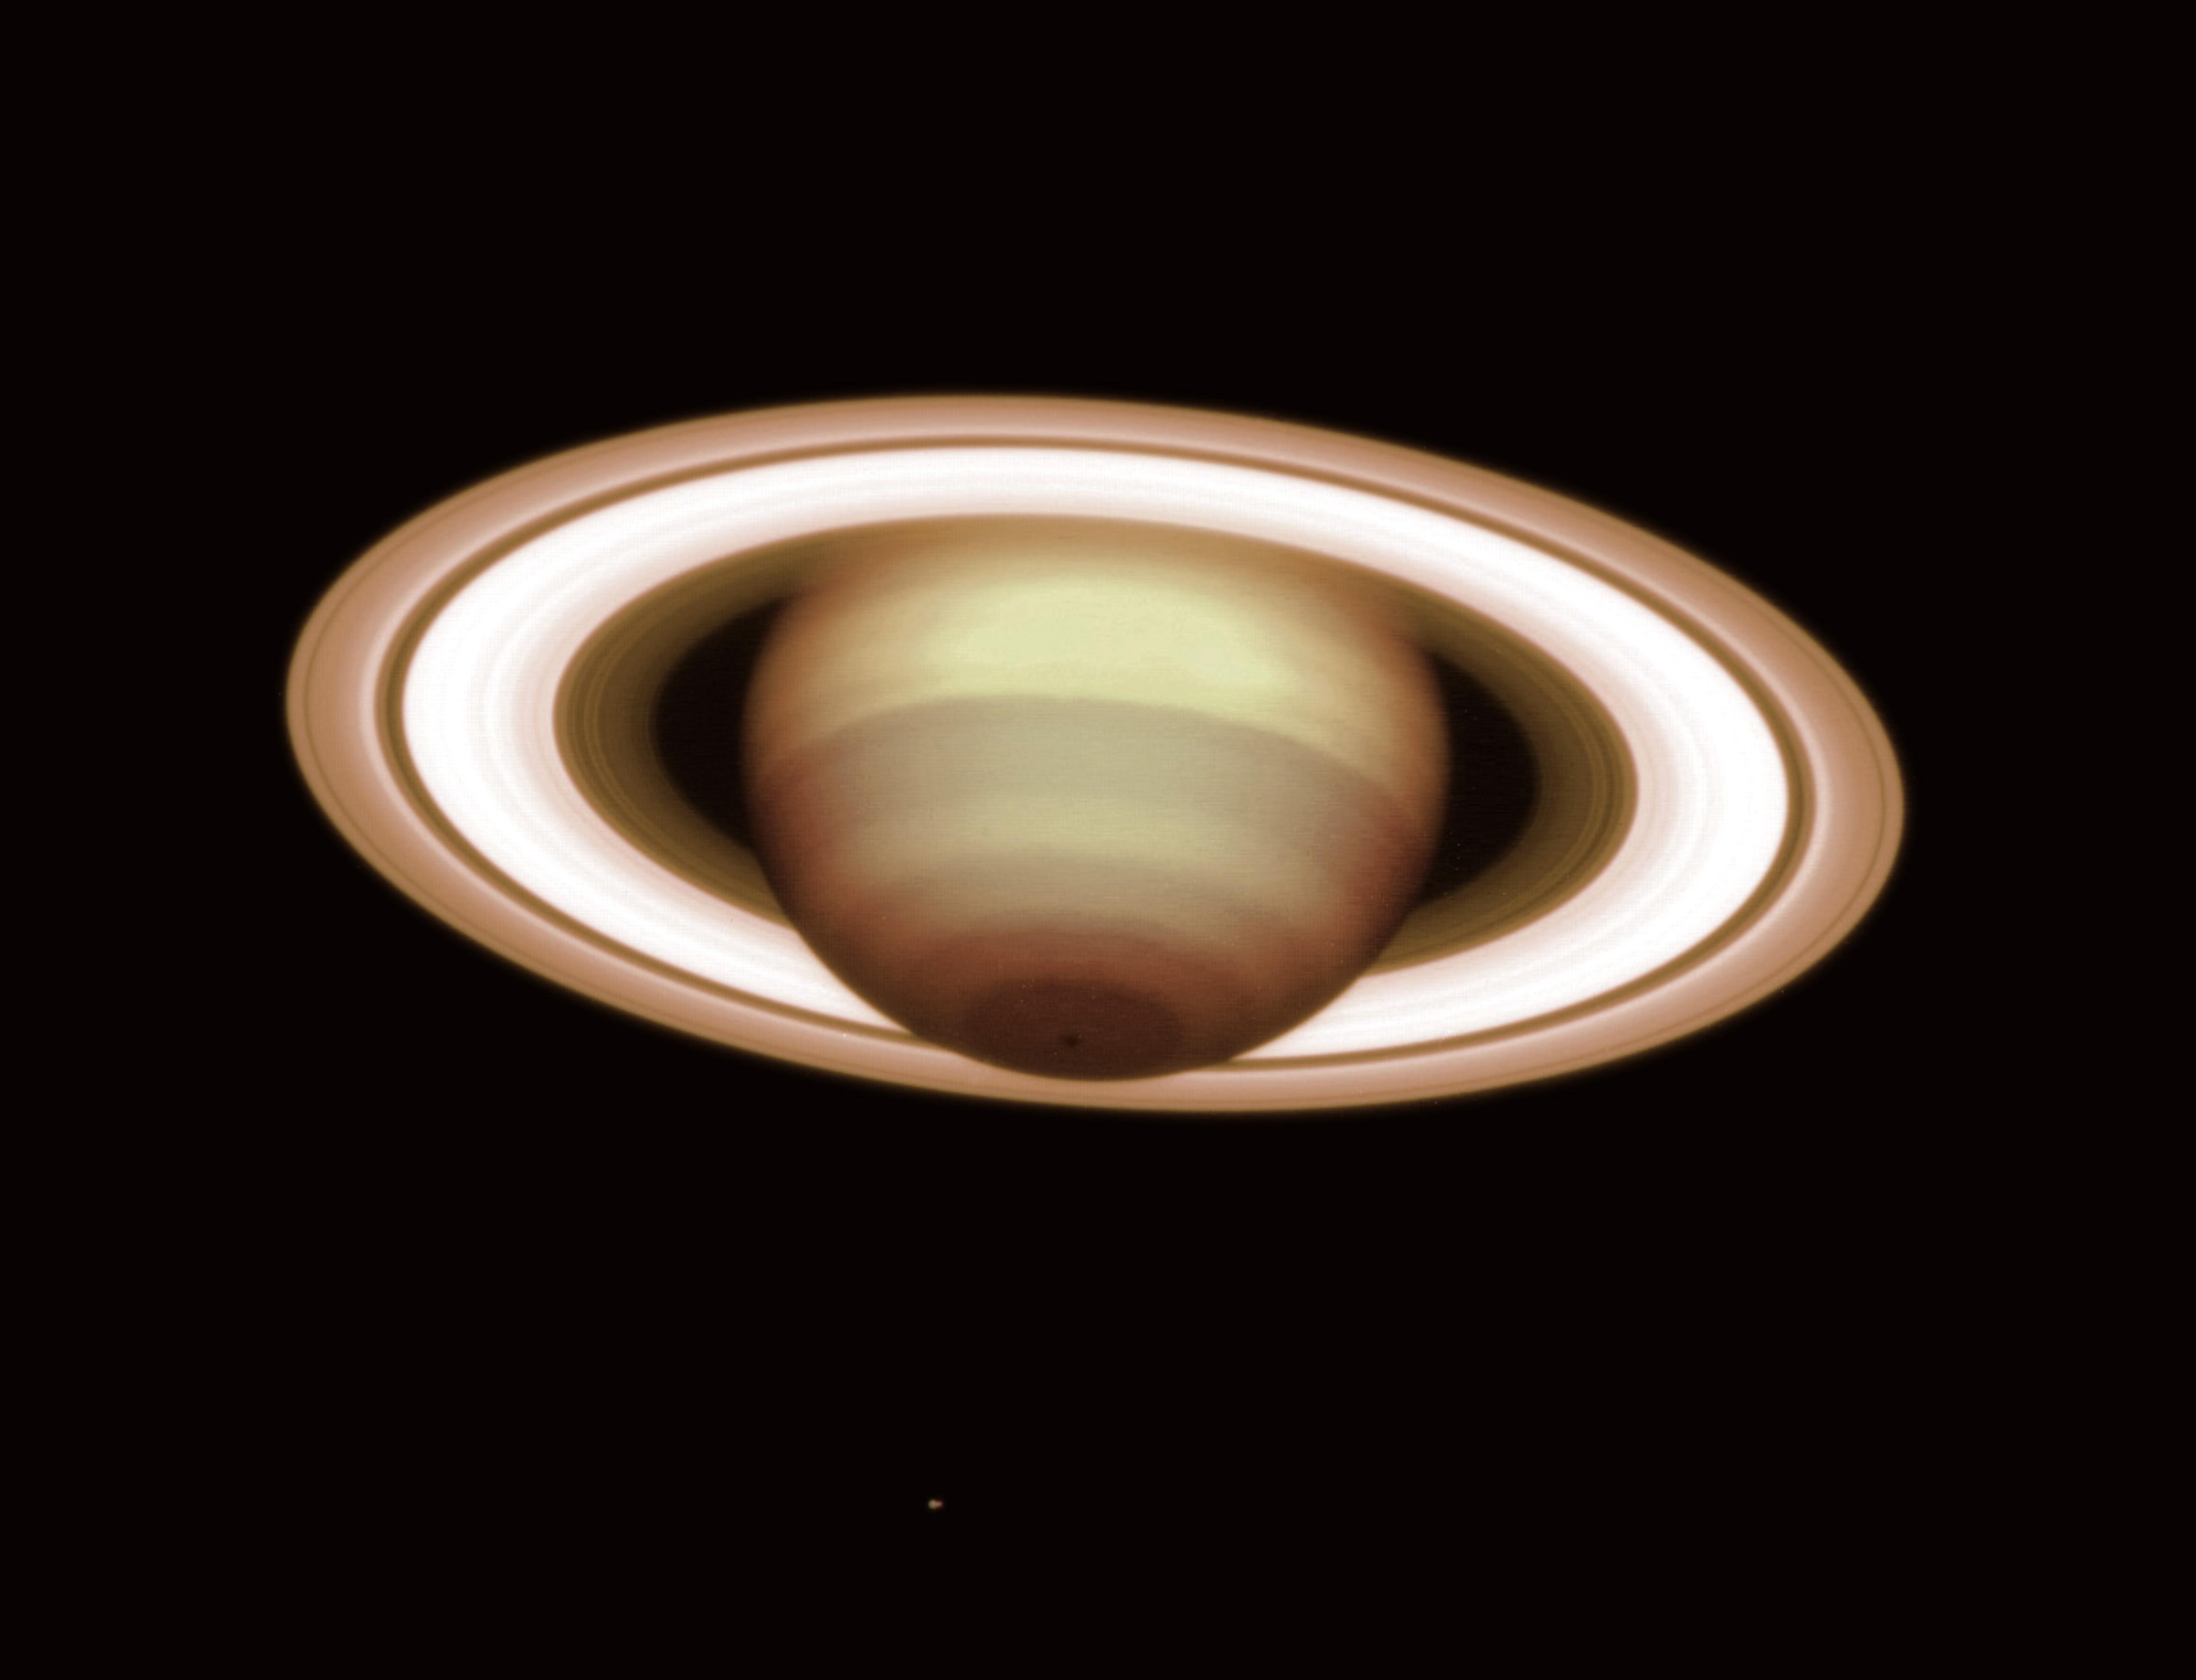 eso0204a.jpg